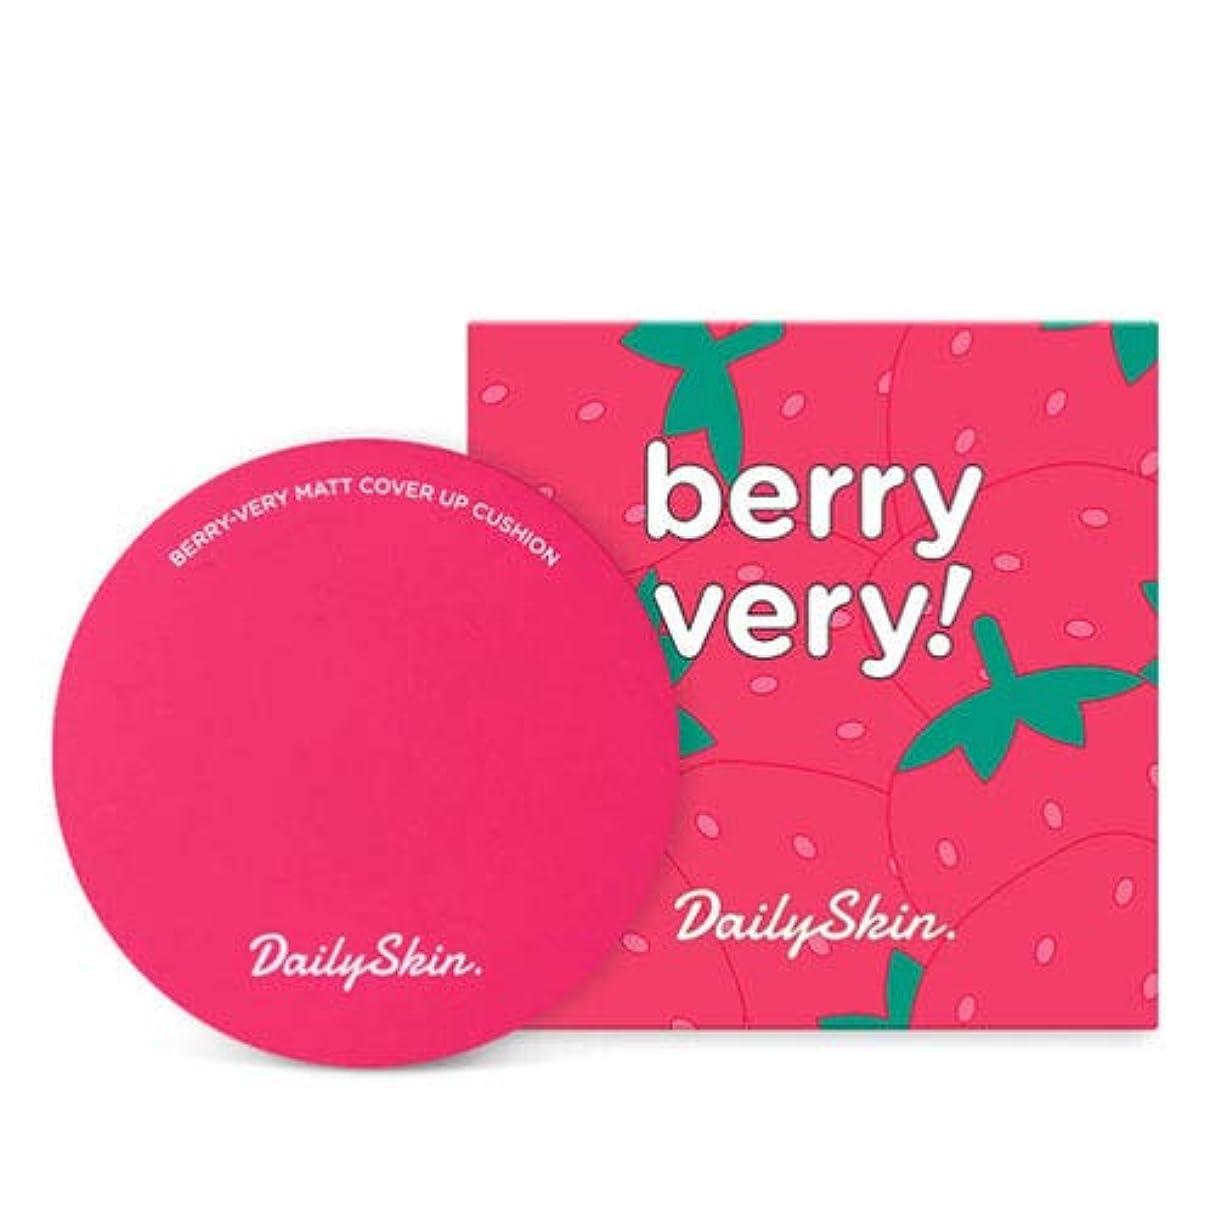 支配的いま元のDaily Skin Berry Very Matt Cover Up Cushion (No.23 Berry Natural) ]デイリースキン いちごマット カバー アップ クッション [並行輸入品]